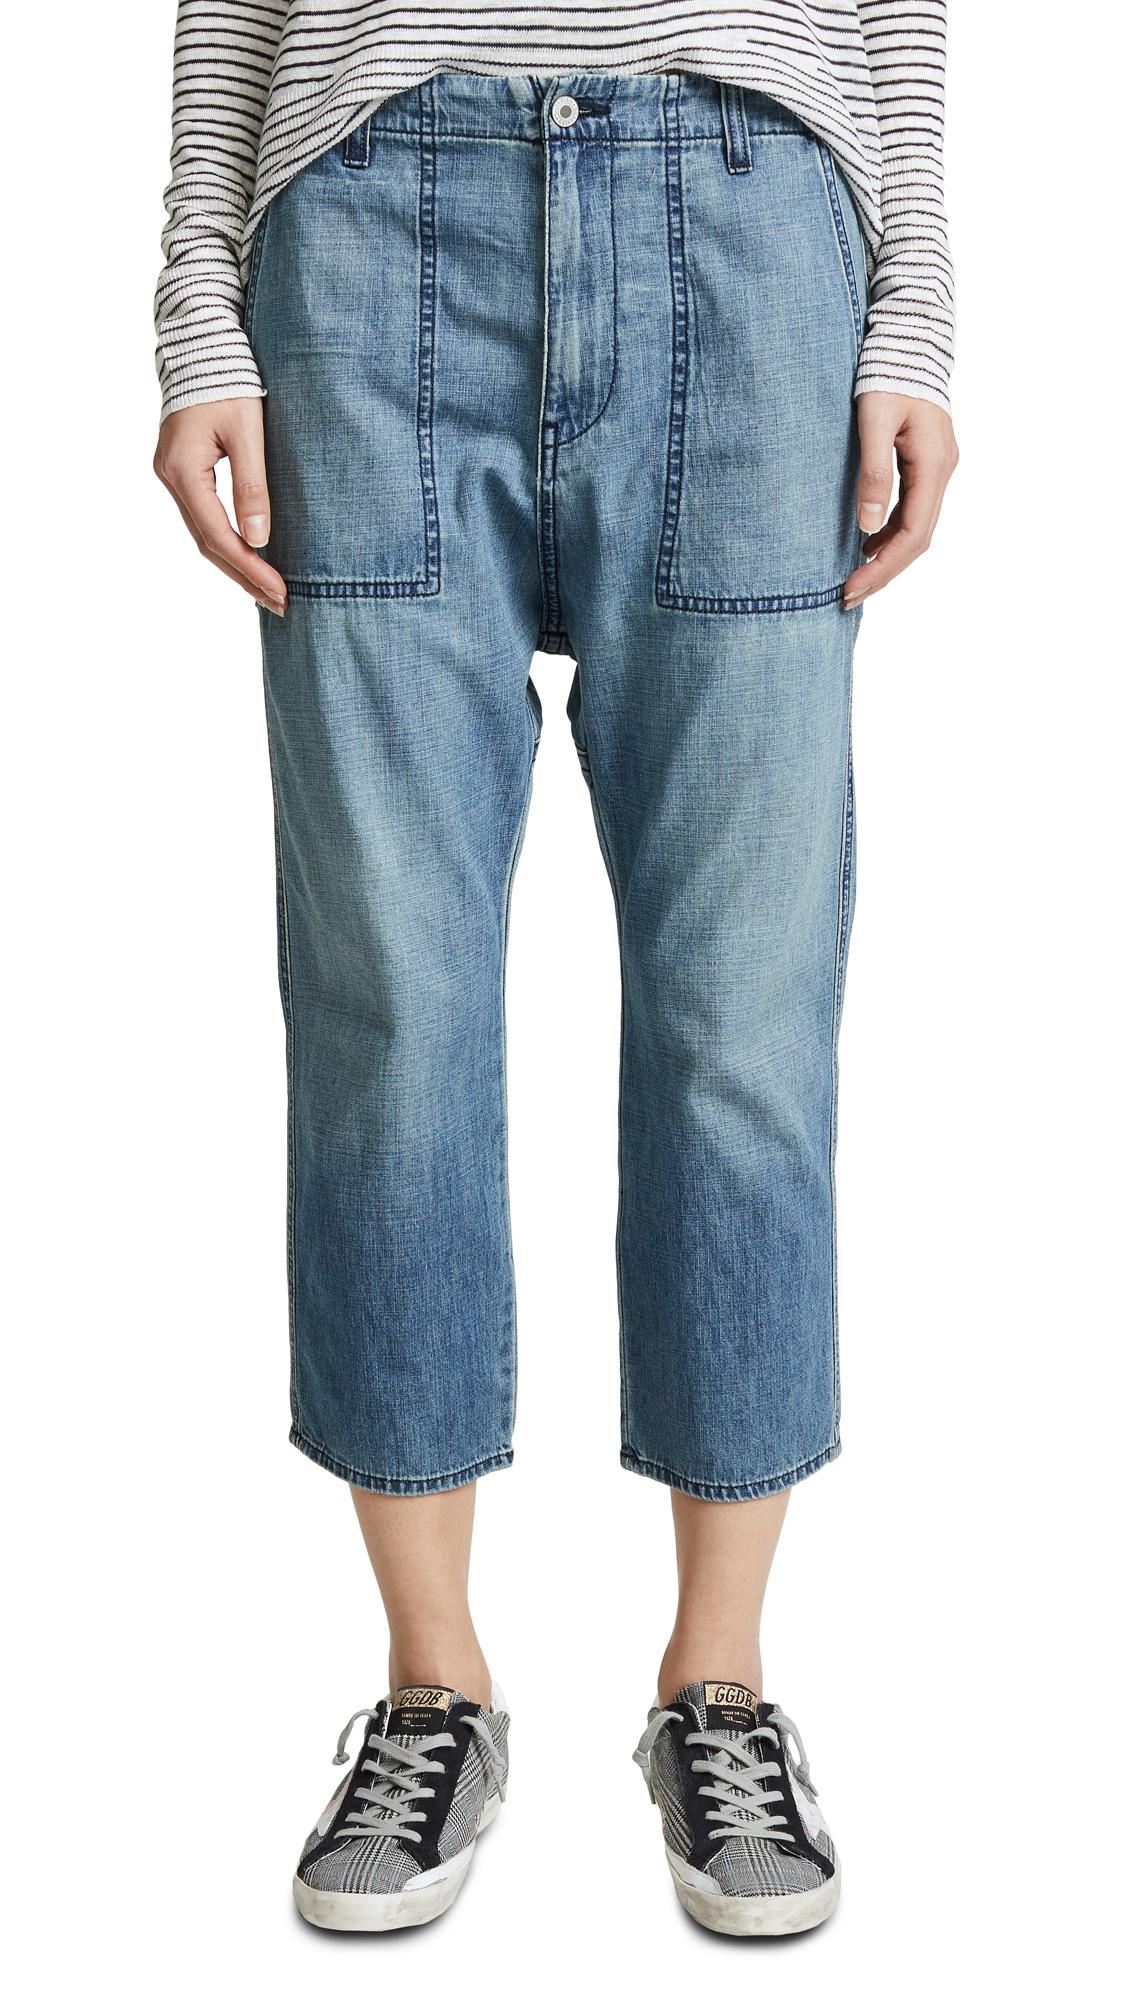 Nili Lotan Luna Jeans In Sunset Wash